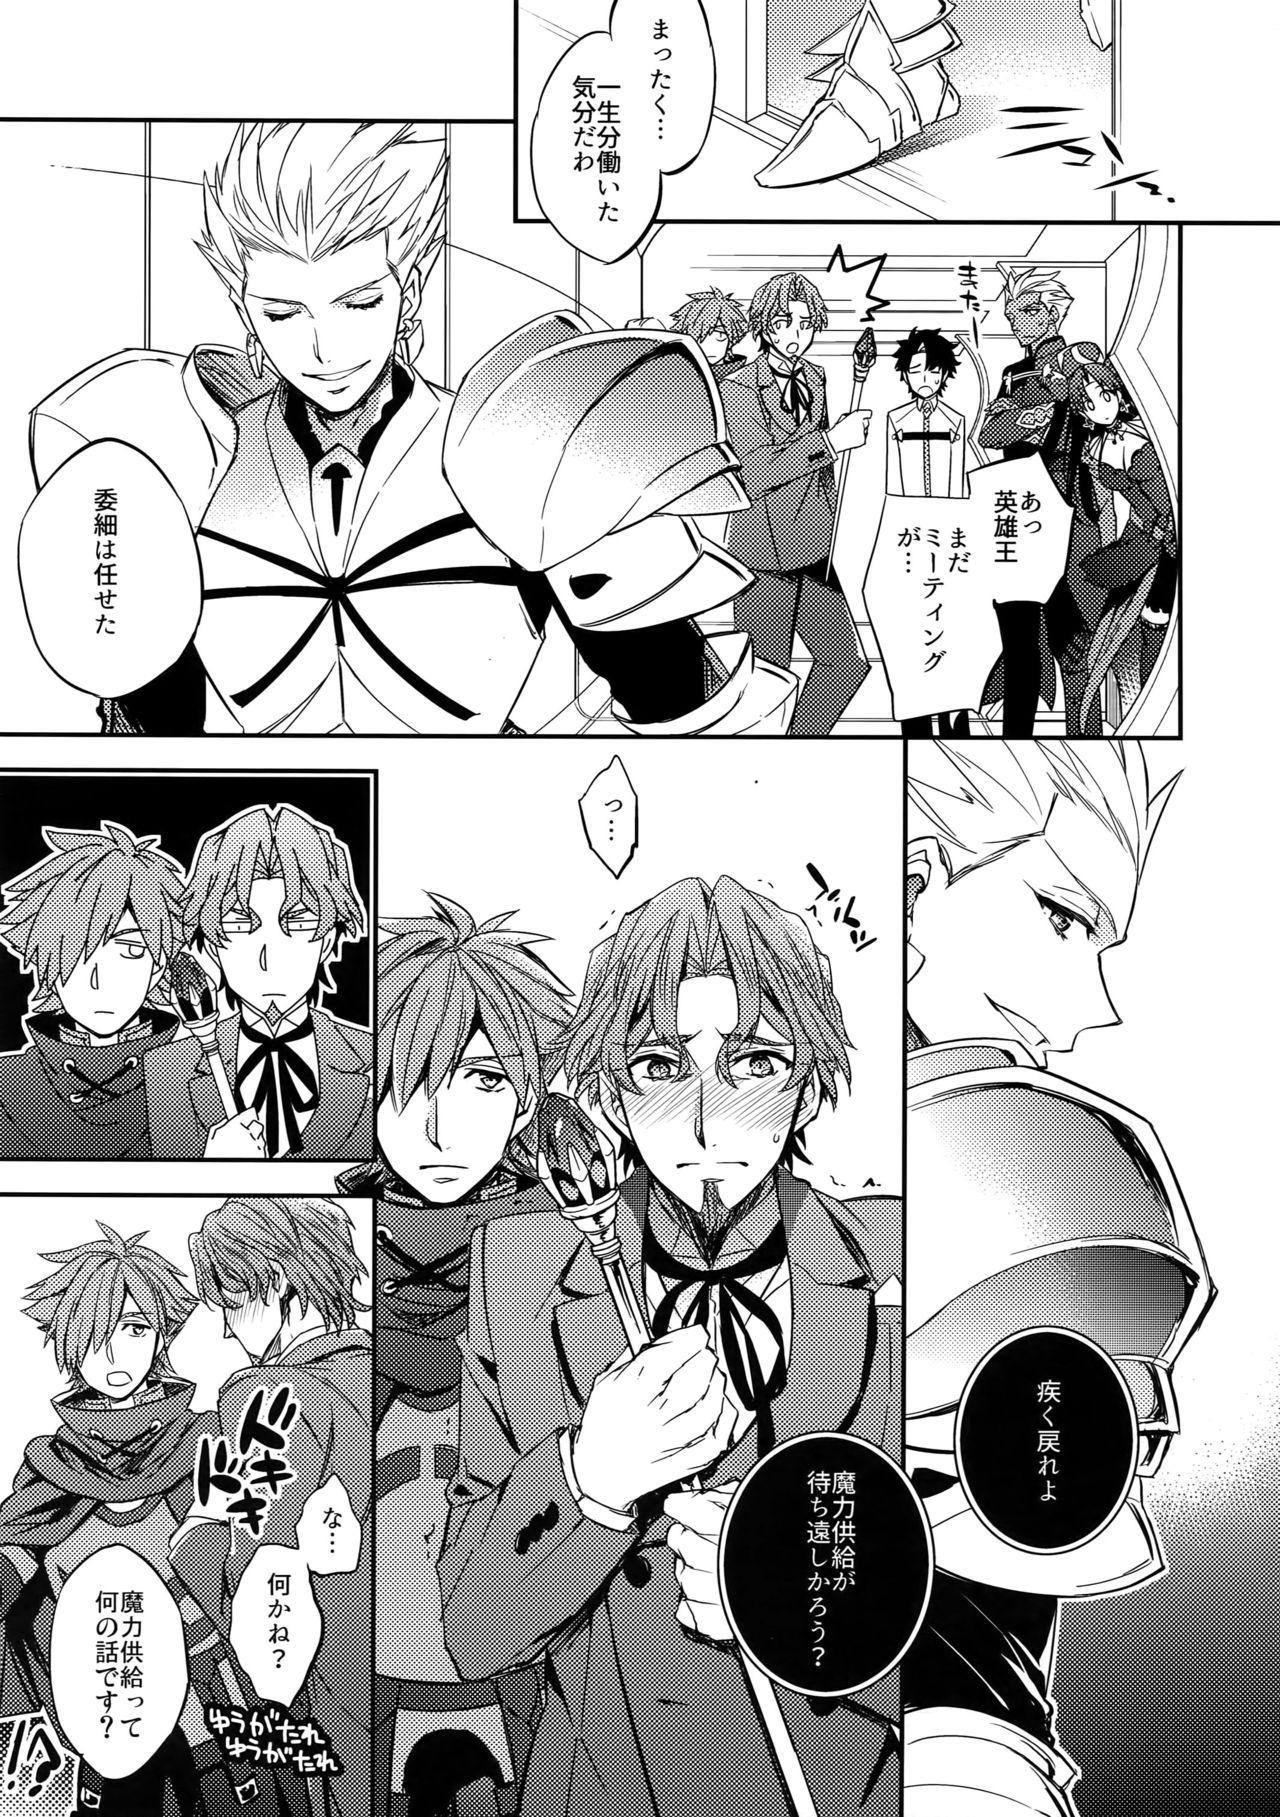 Gainen Reisou wa Kiniro no Yume o Miru 2 11